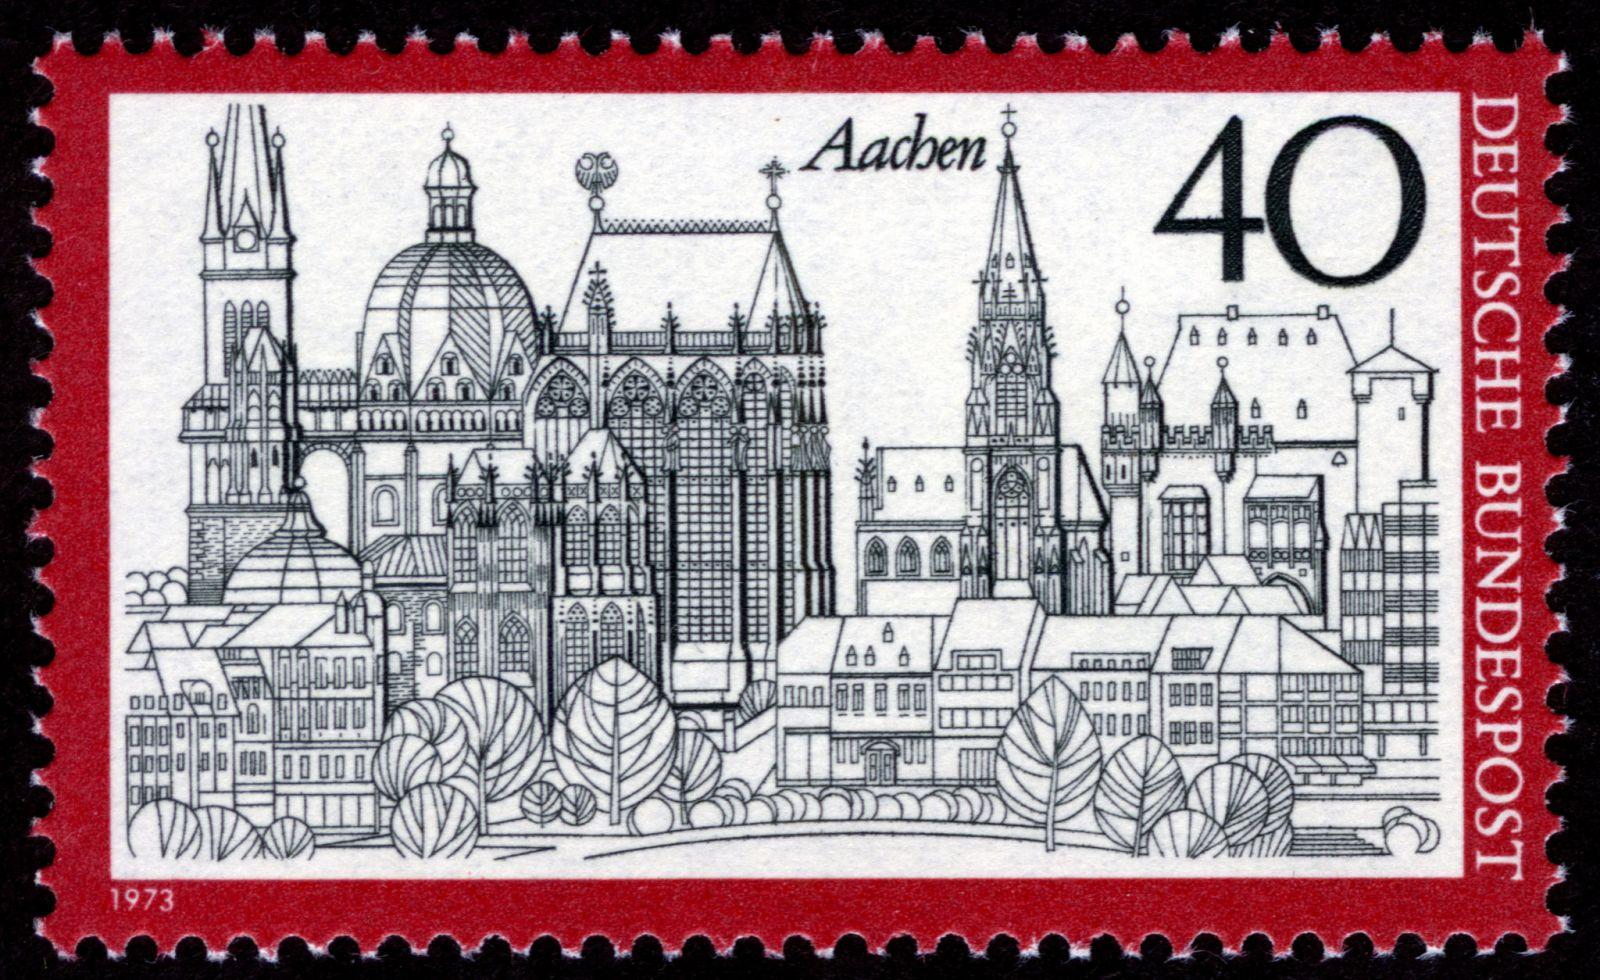 Aachen, 1973